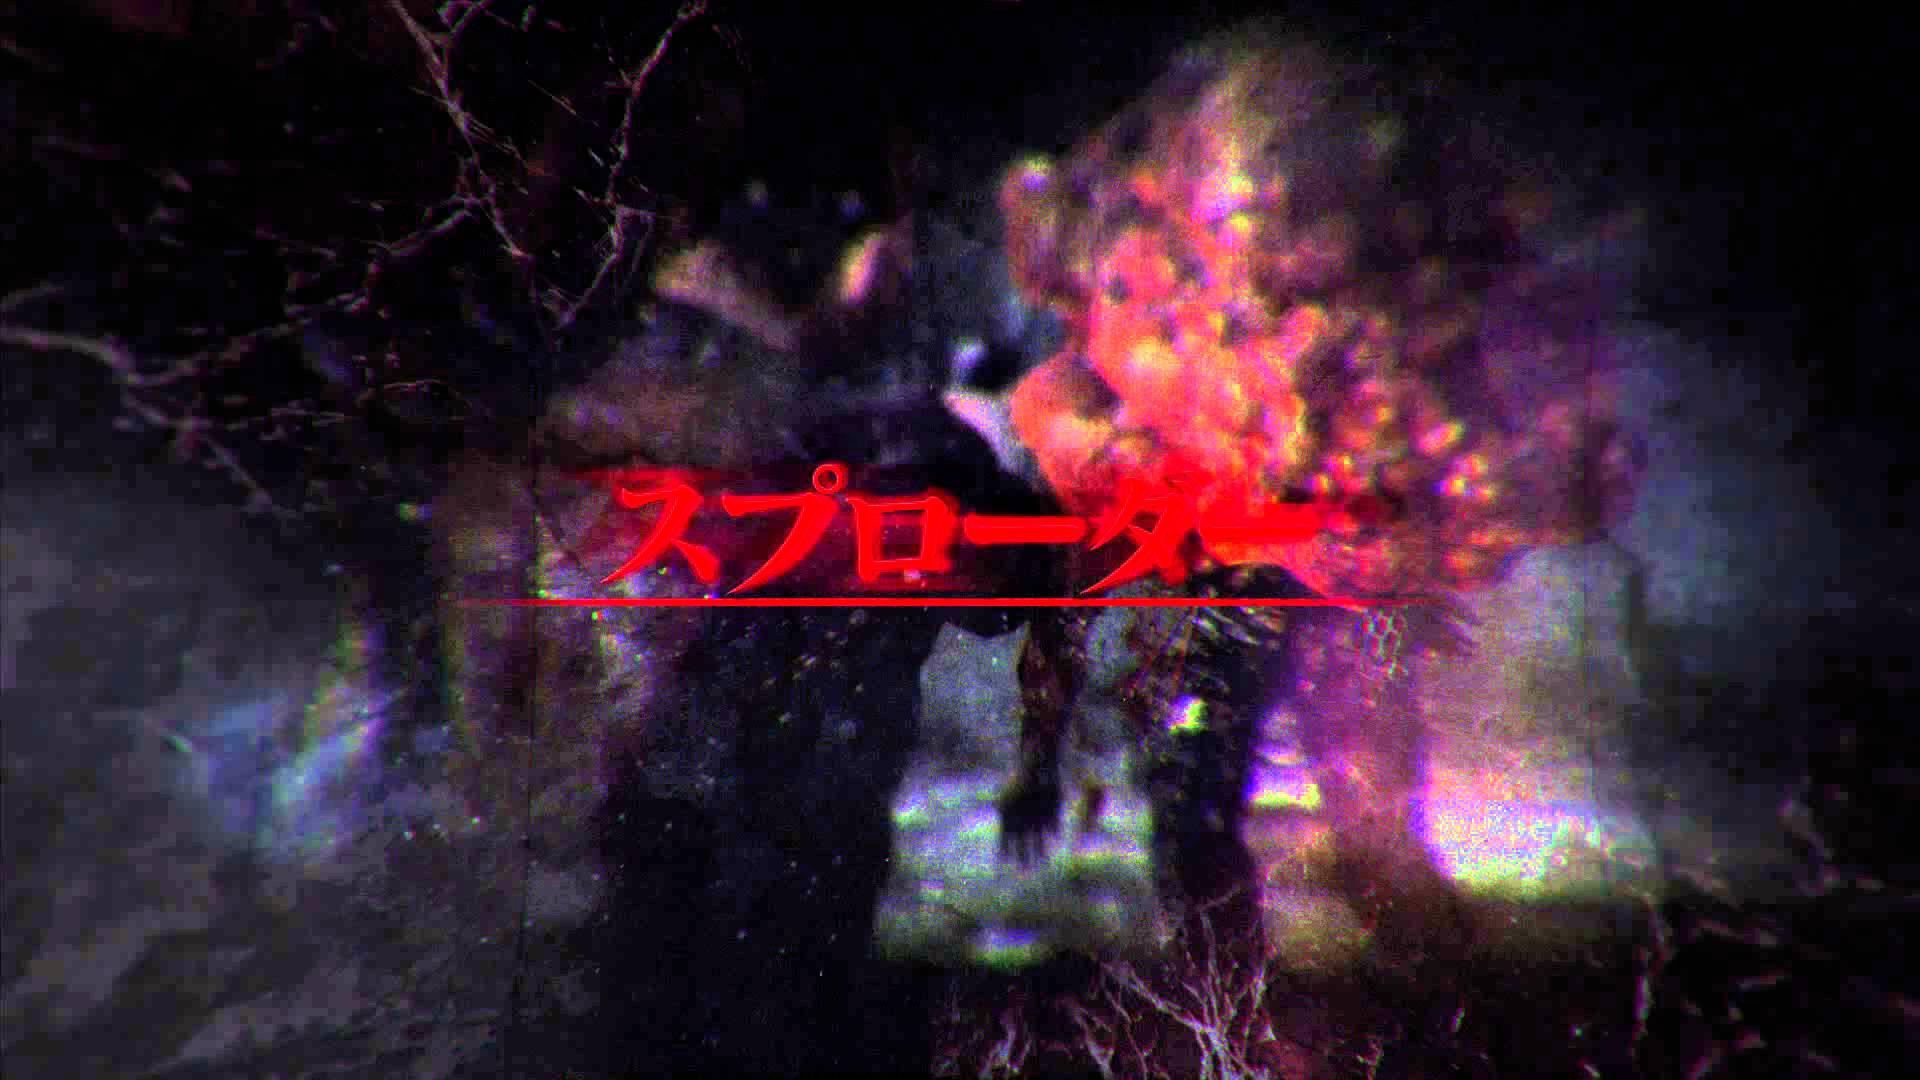 『バイオハザードリベレーションズ2』1週間の発売延期が発表。クリーチャー紹介映像の公開も